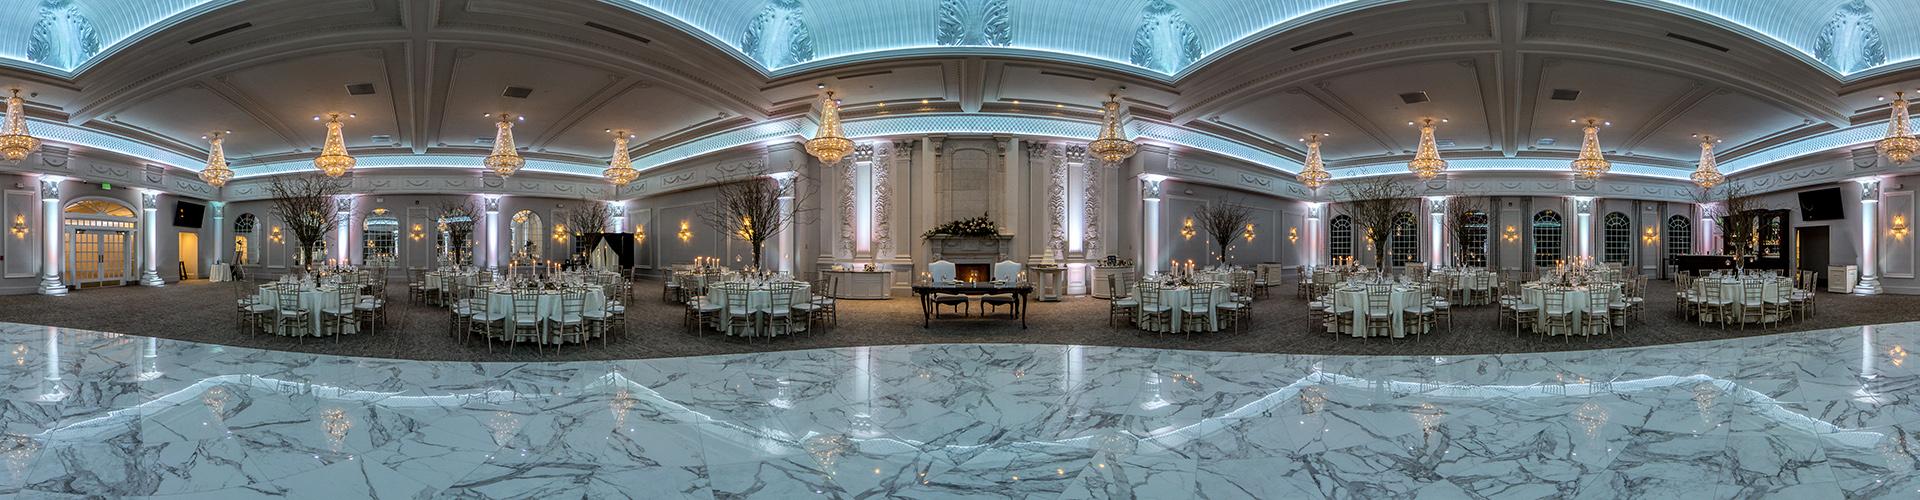 Valley Regency Ballroom by 360SiteVisit